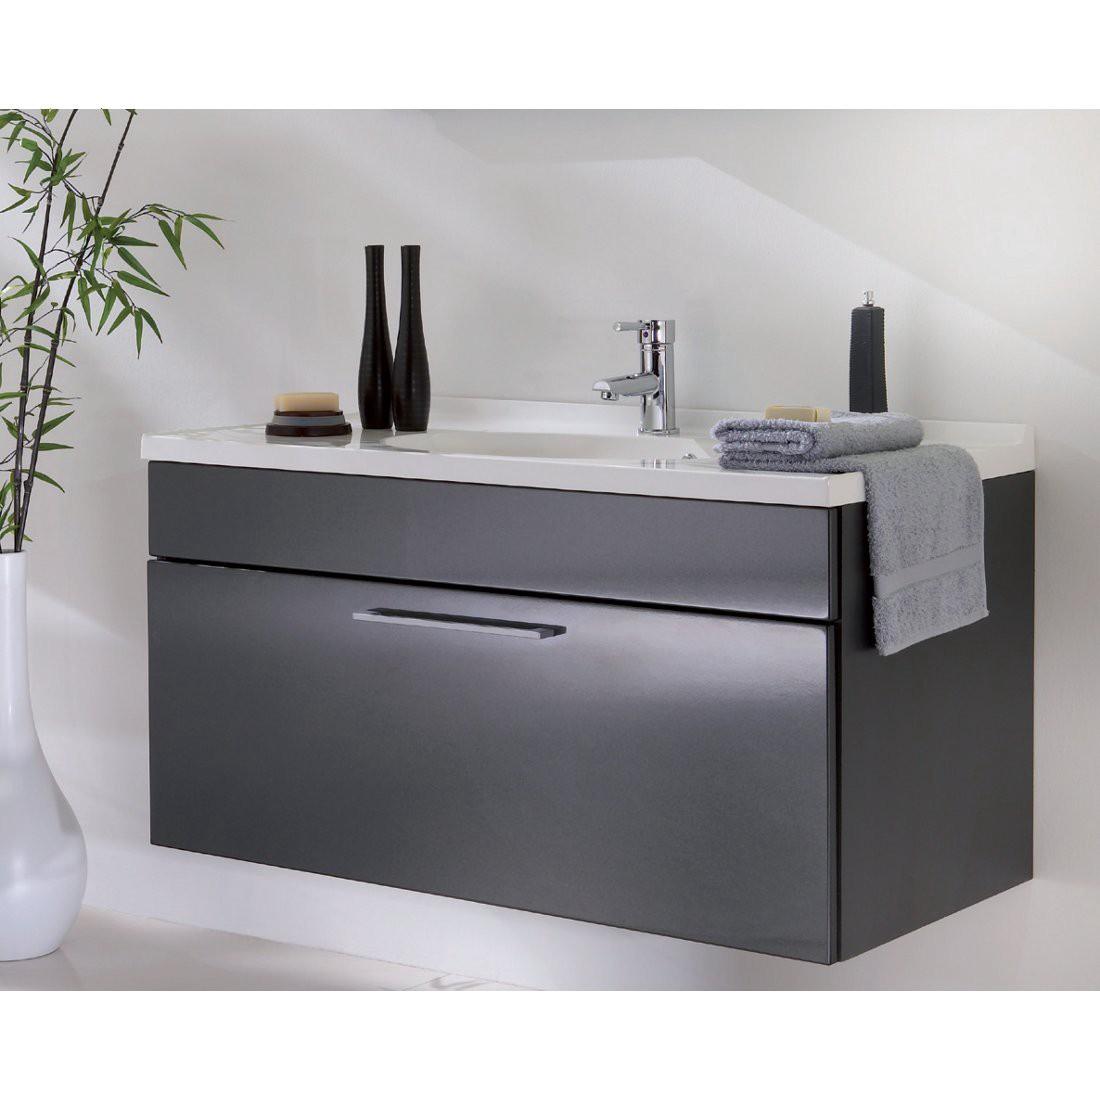 Waschplatz 40 Cm Preisvergleich • Die Besten Angebote